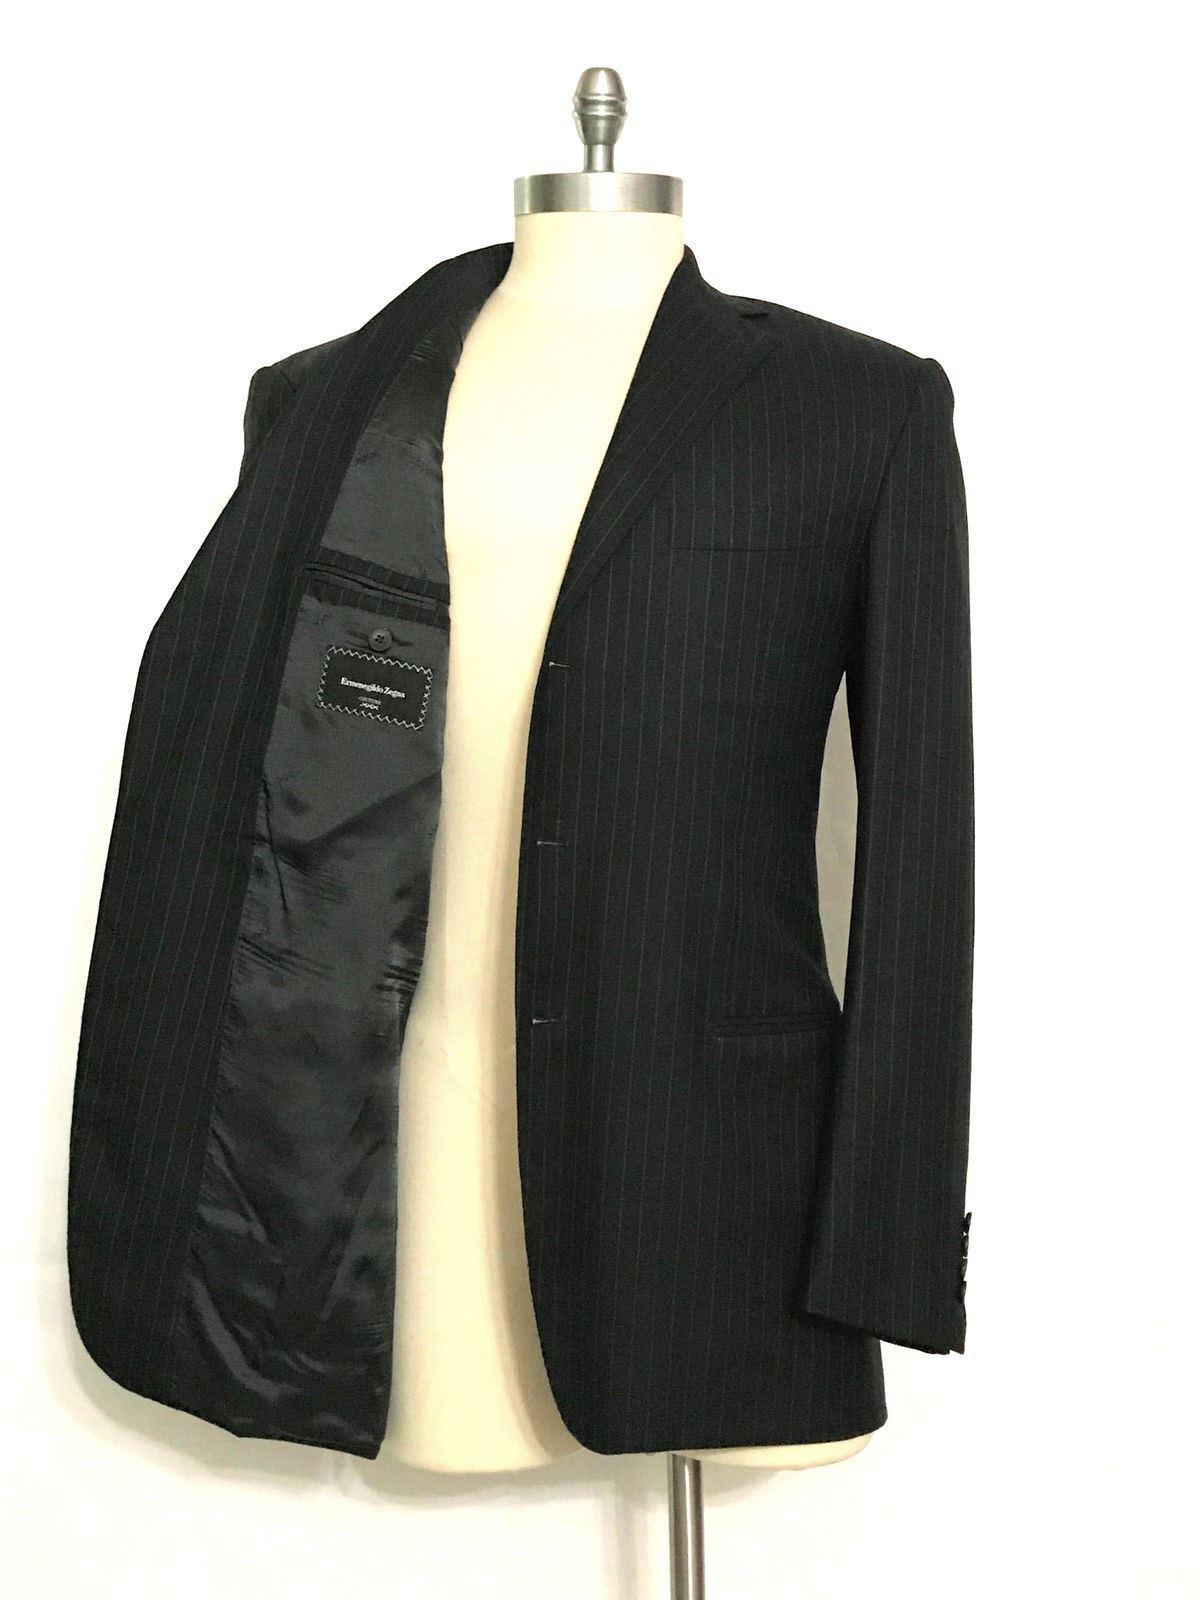 5k ERMENEGILDO ZEGNA Couture Suit-42XL-44XL-15milmil15-SUPER170s-PINSTRIPE-LONG